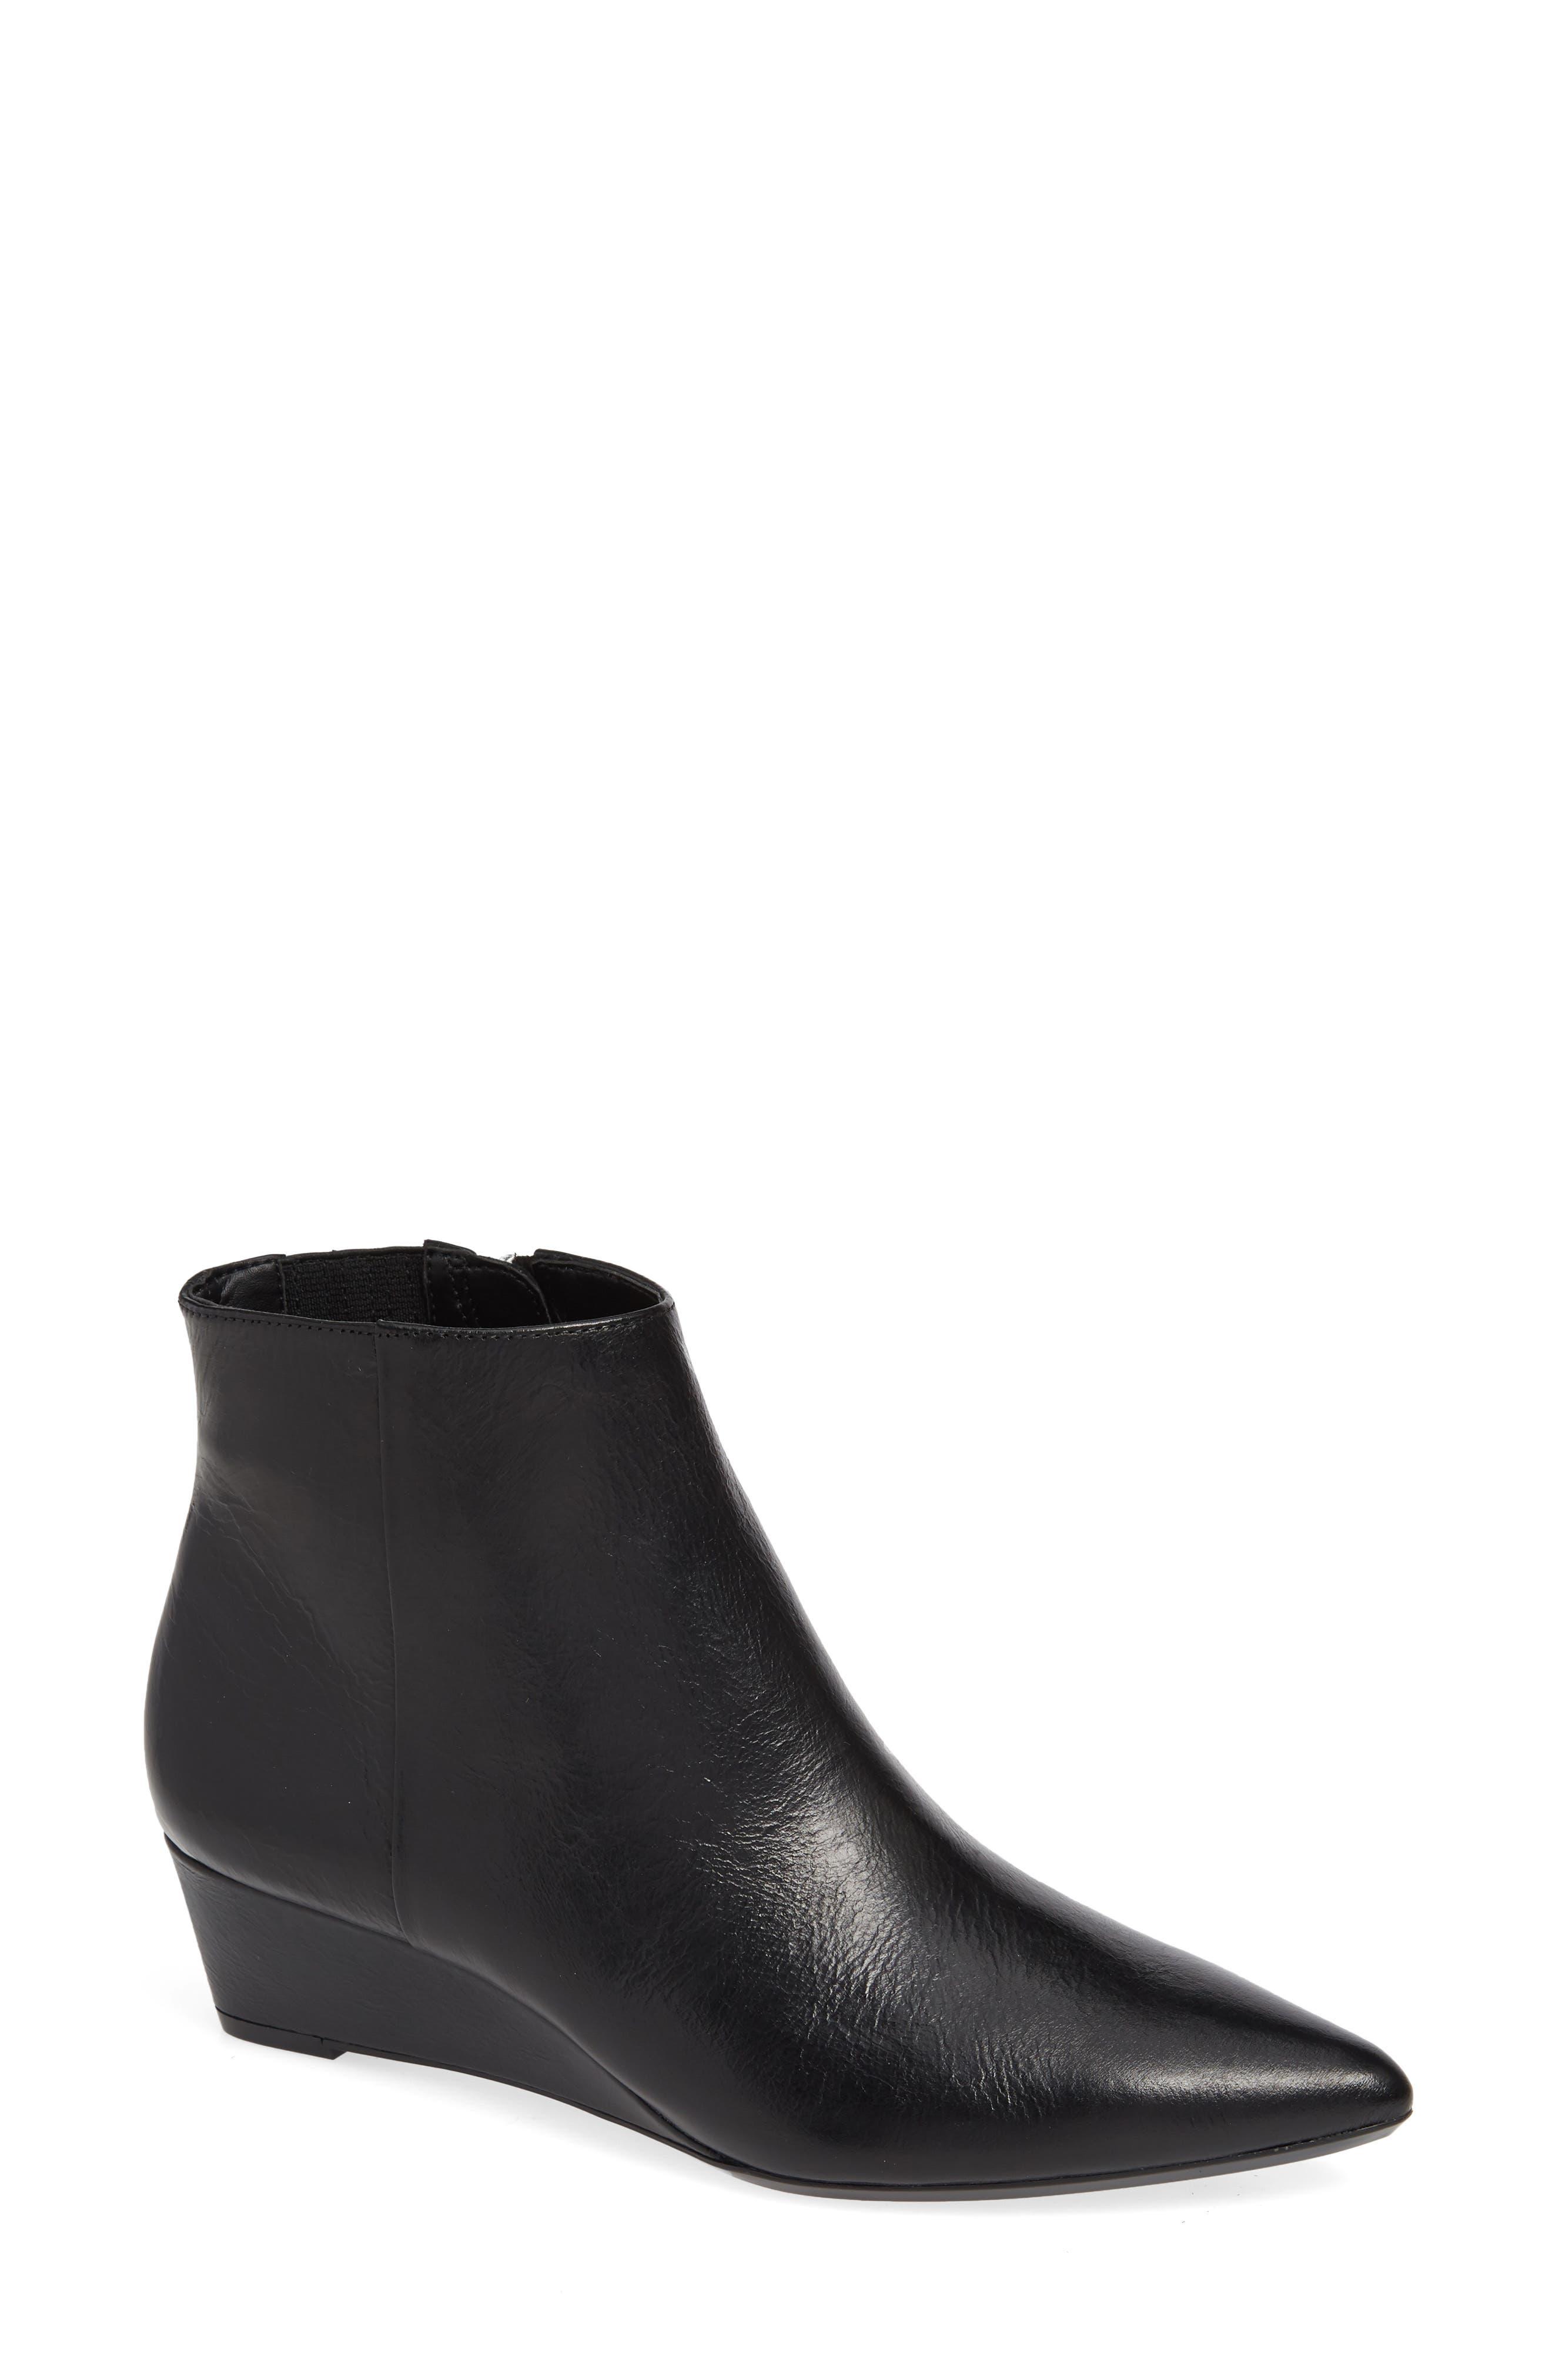 Calvin Klein Gael Wedge Bootie- Black